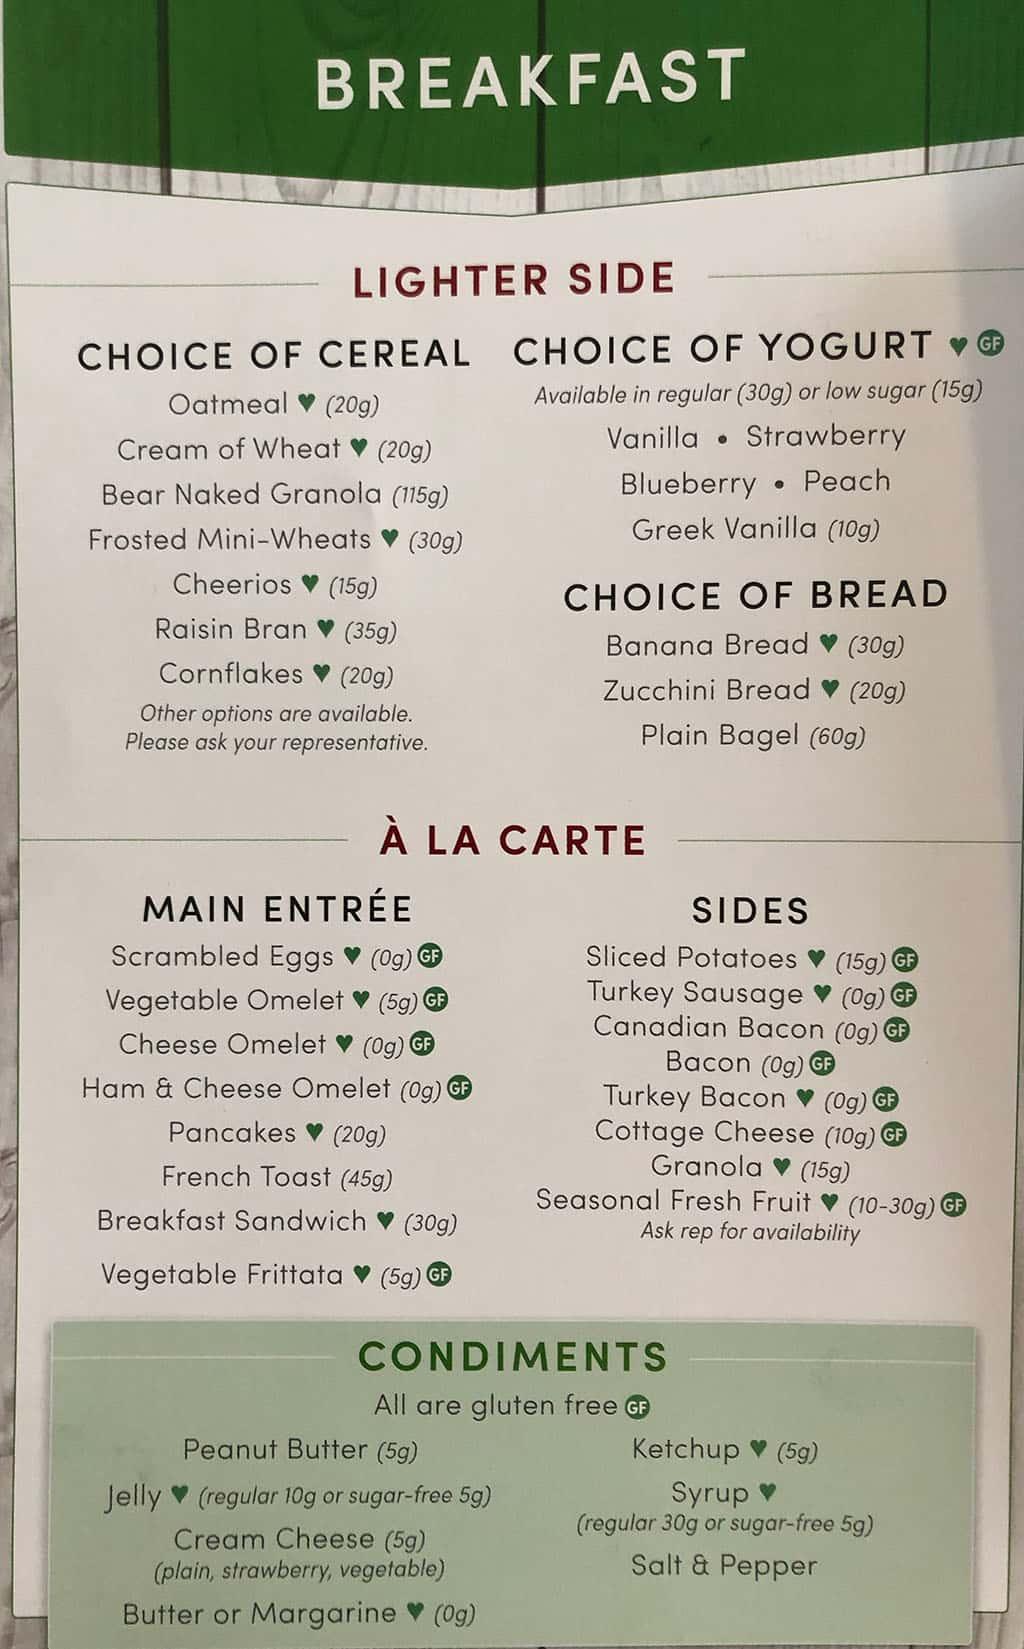 University Of Utah Hospital In Patient menu - breakfast